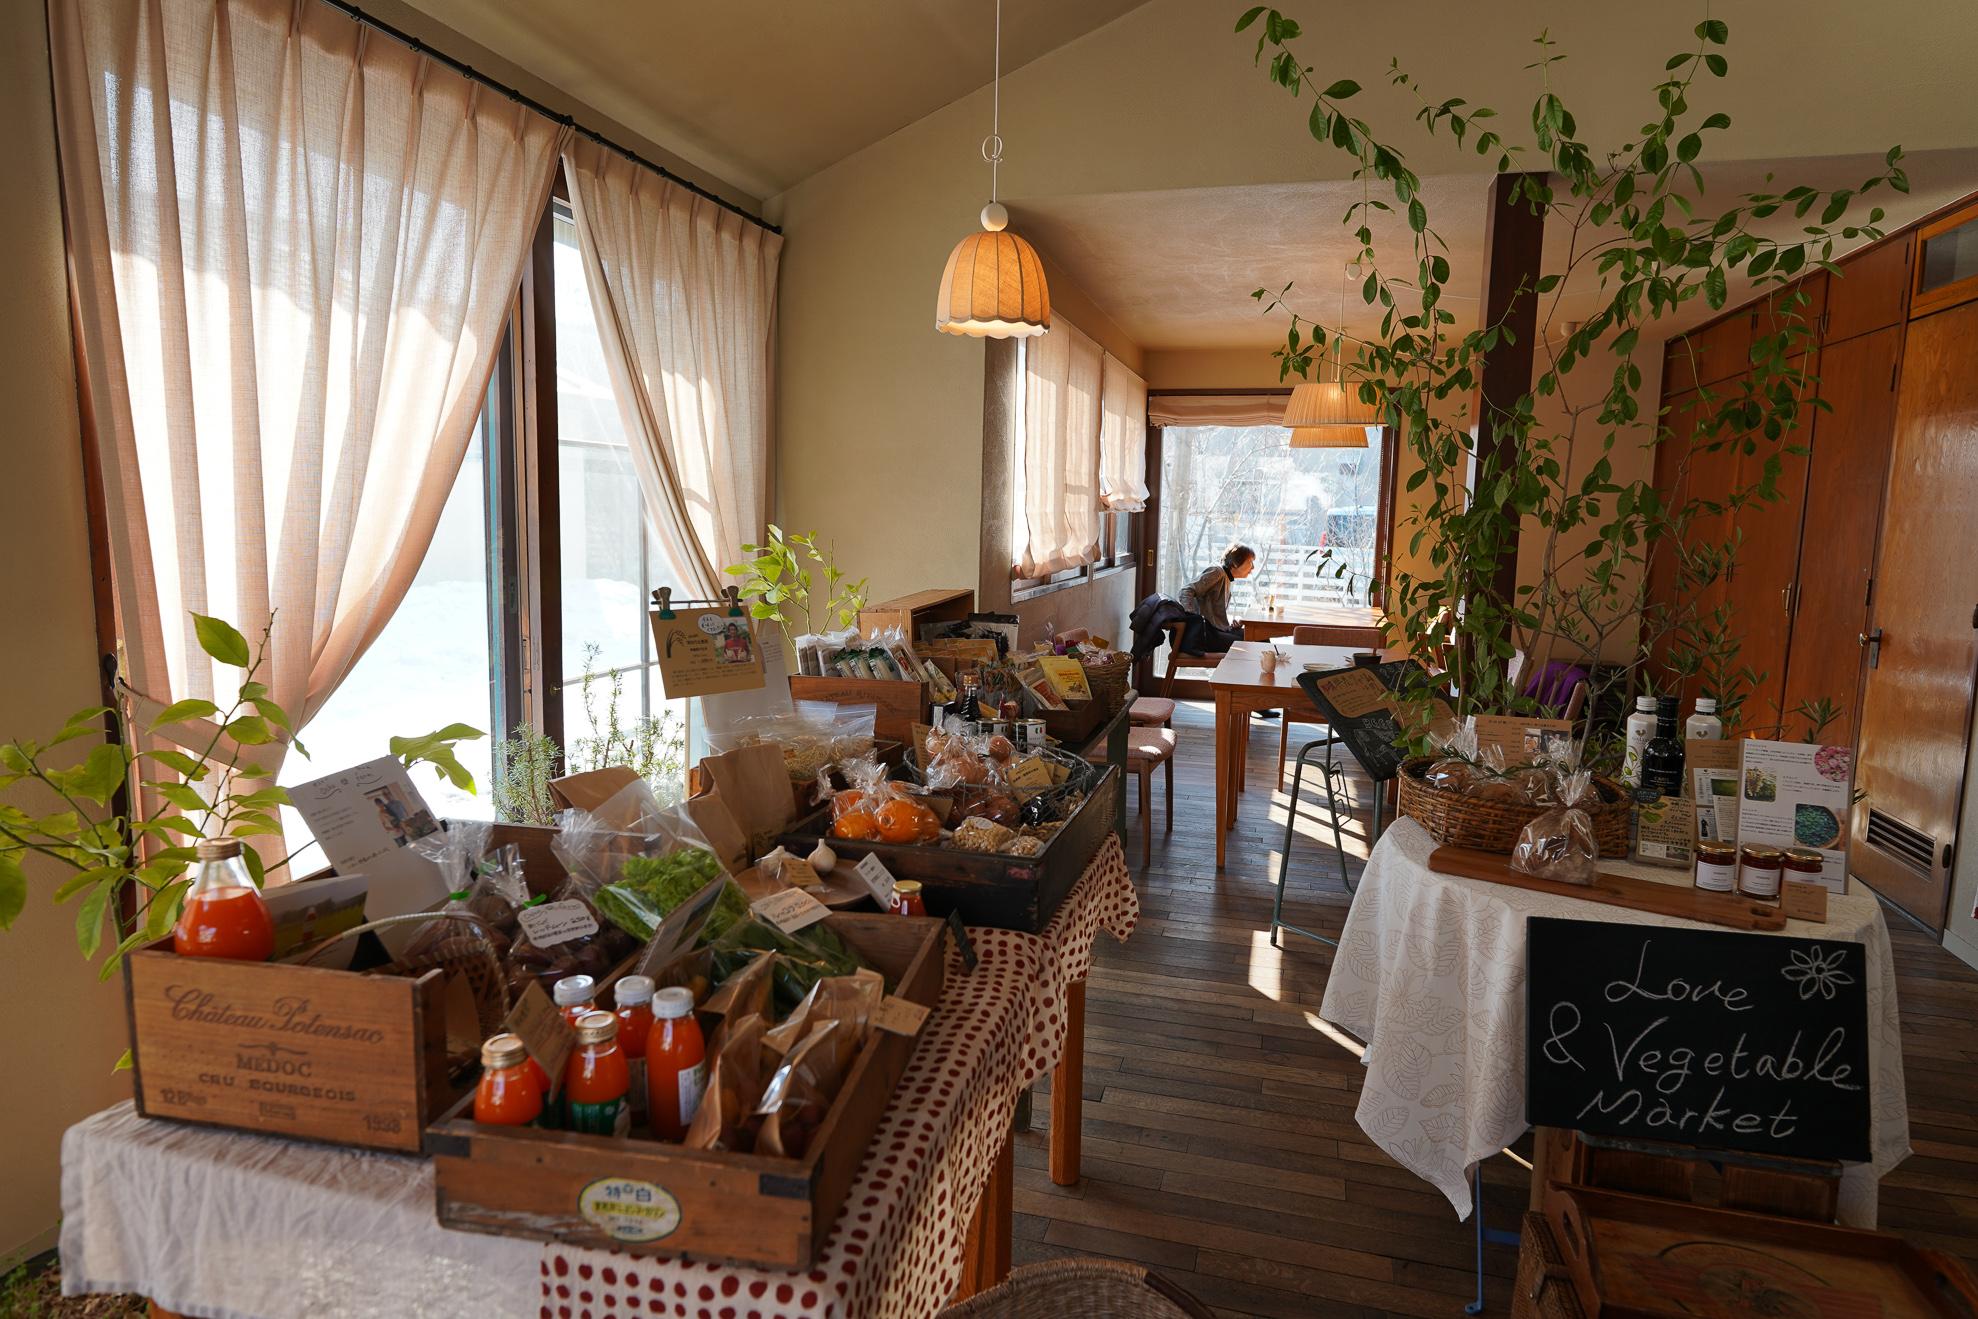 採光をよく考えられた素敵なカフェ